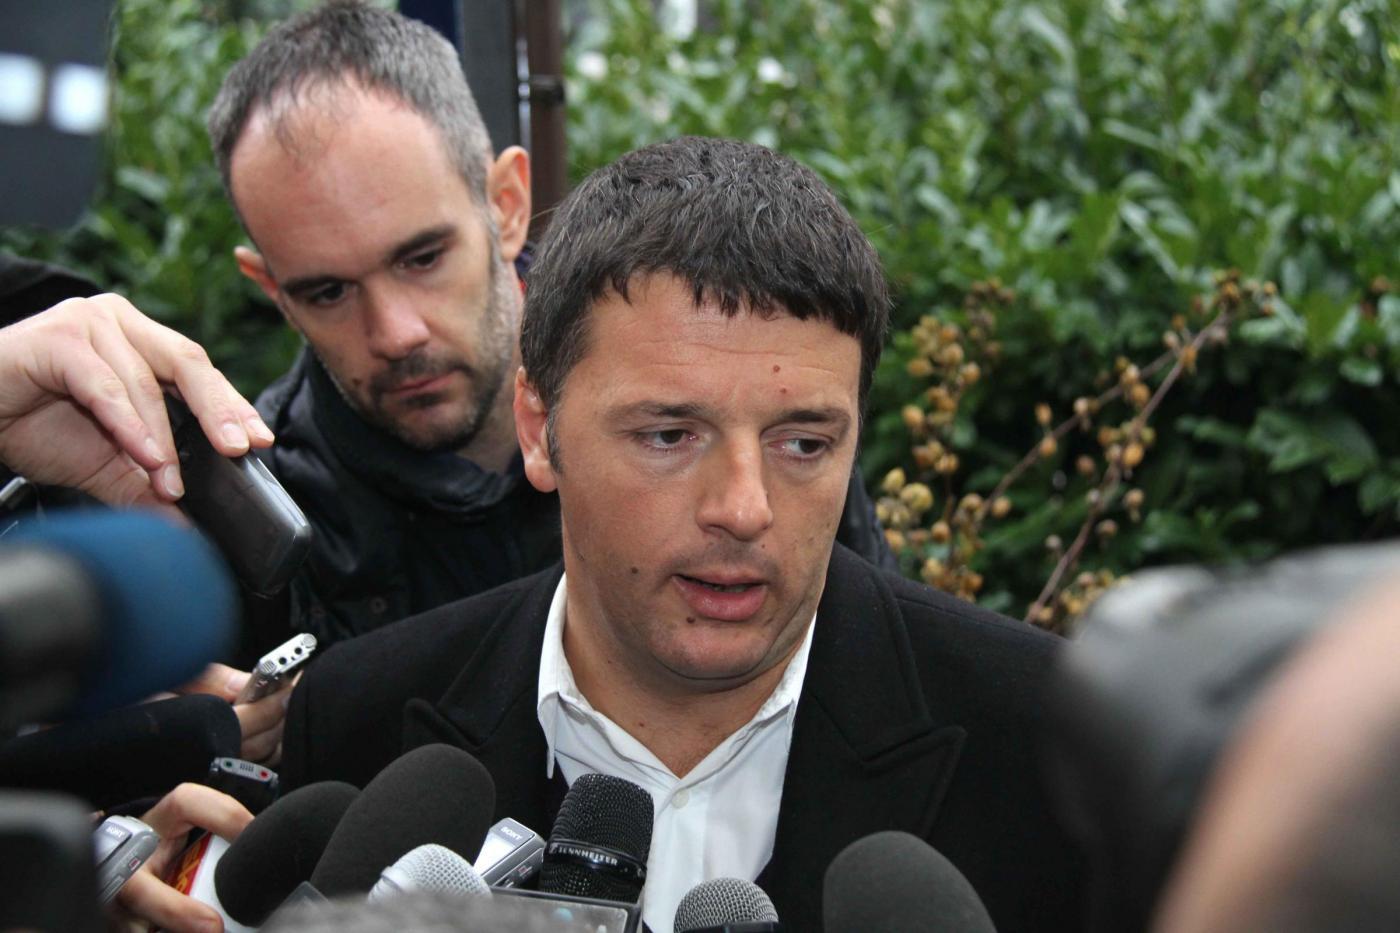 Legge elettorale, Renzi incontra Berlusconi. Fa bene o male? Il sondaggio